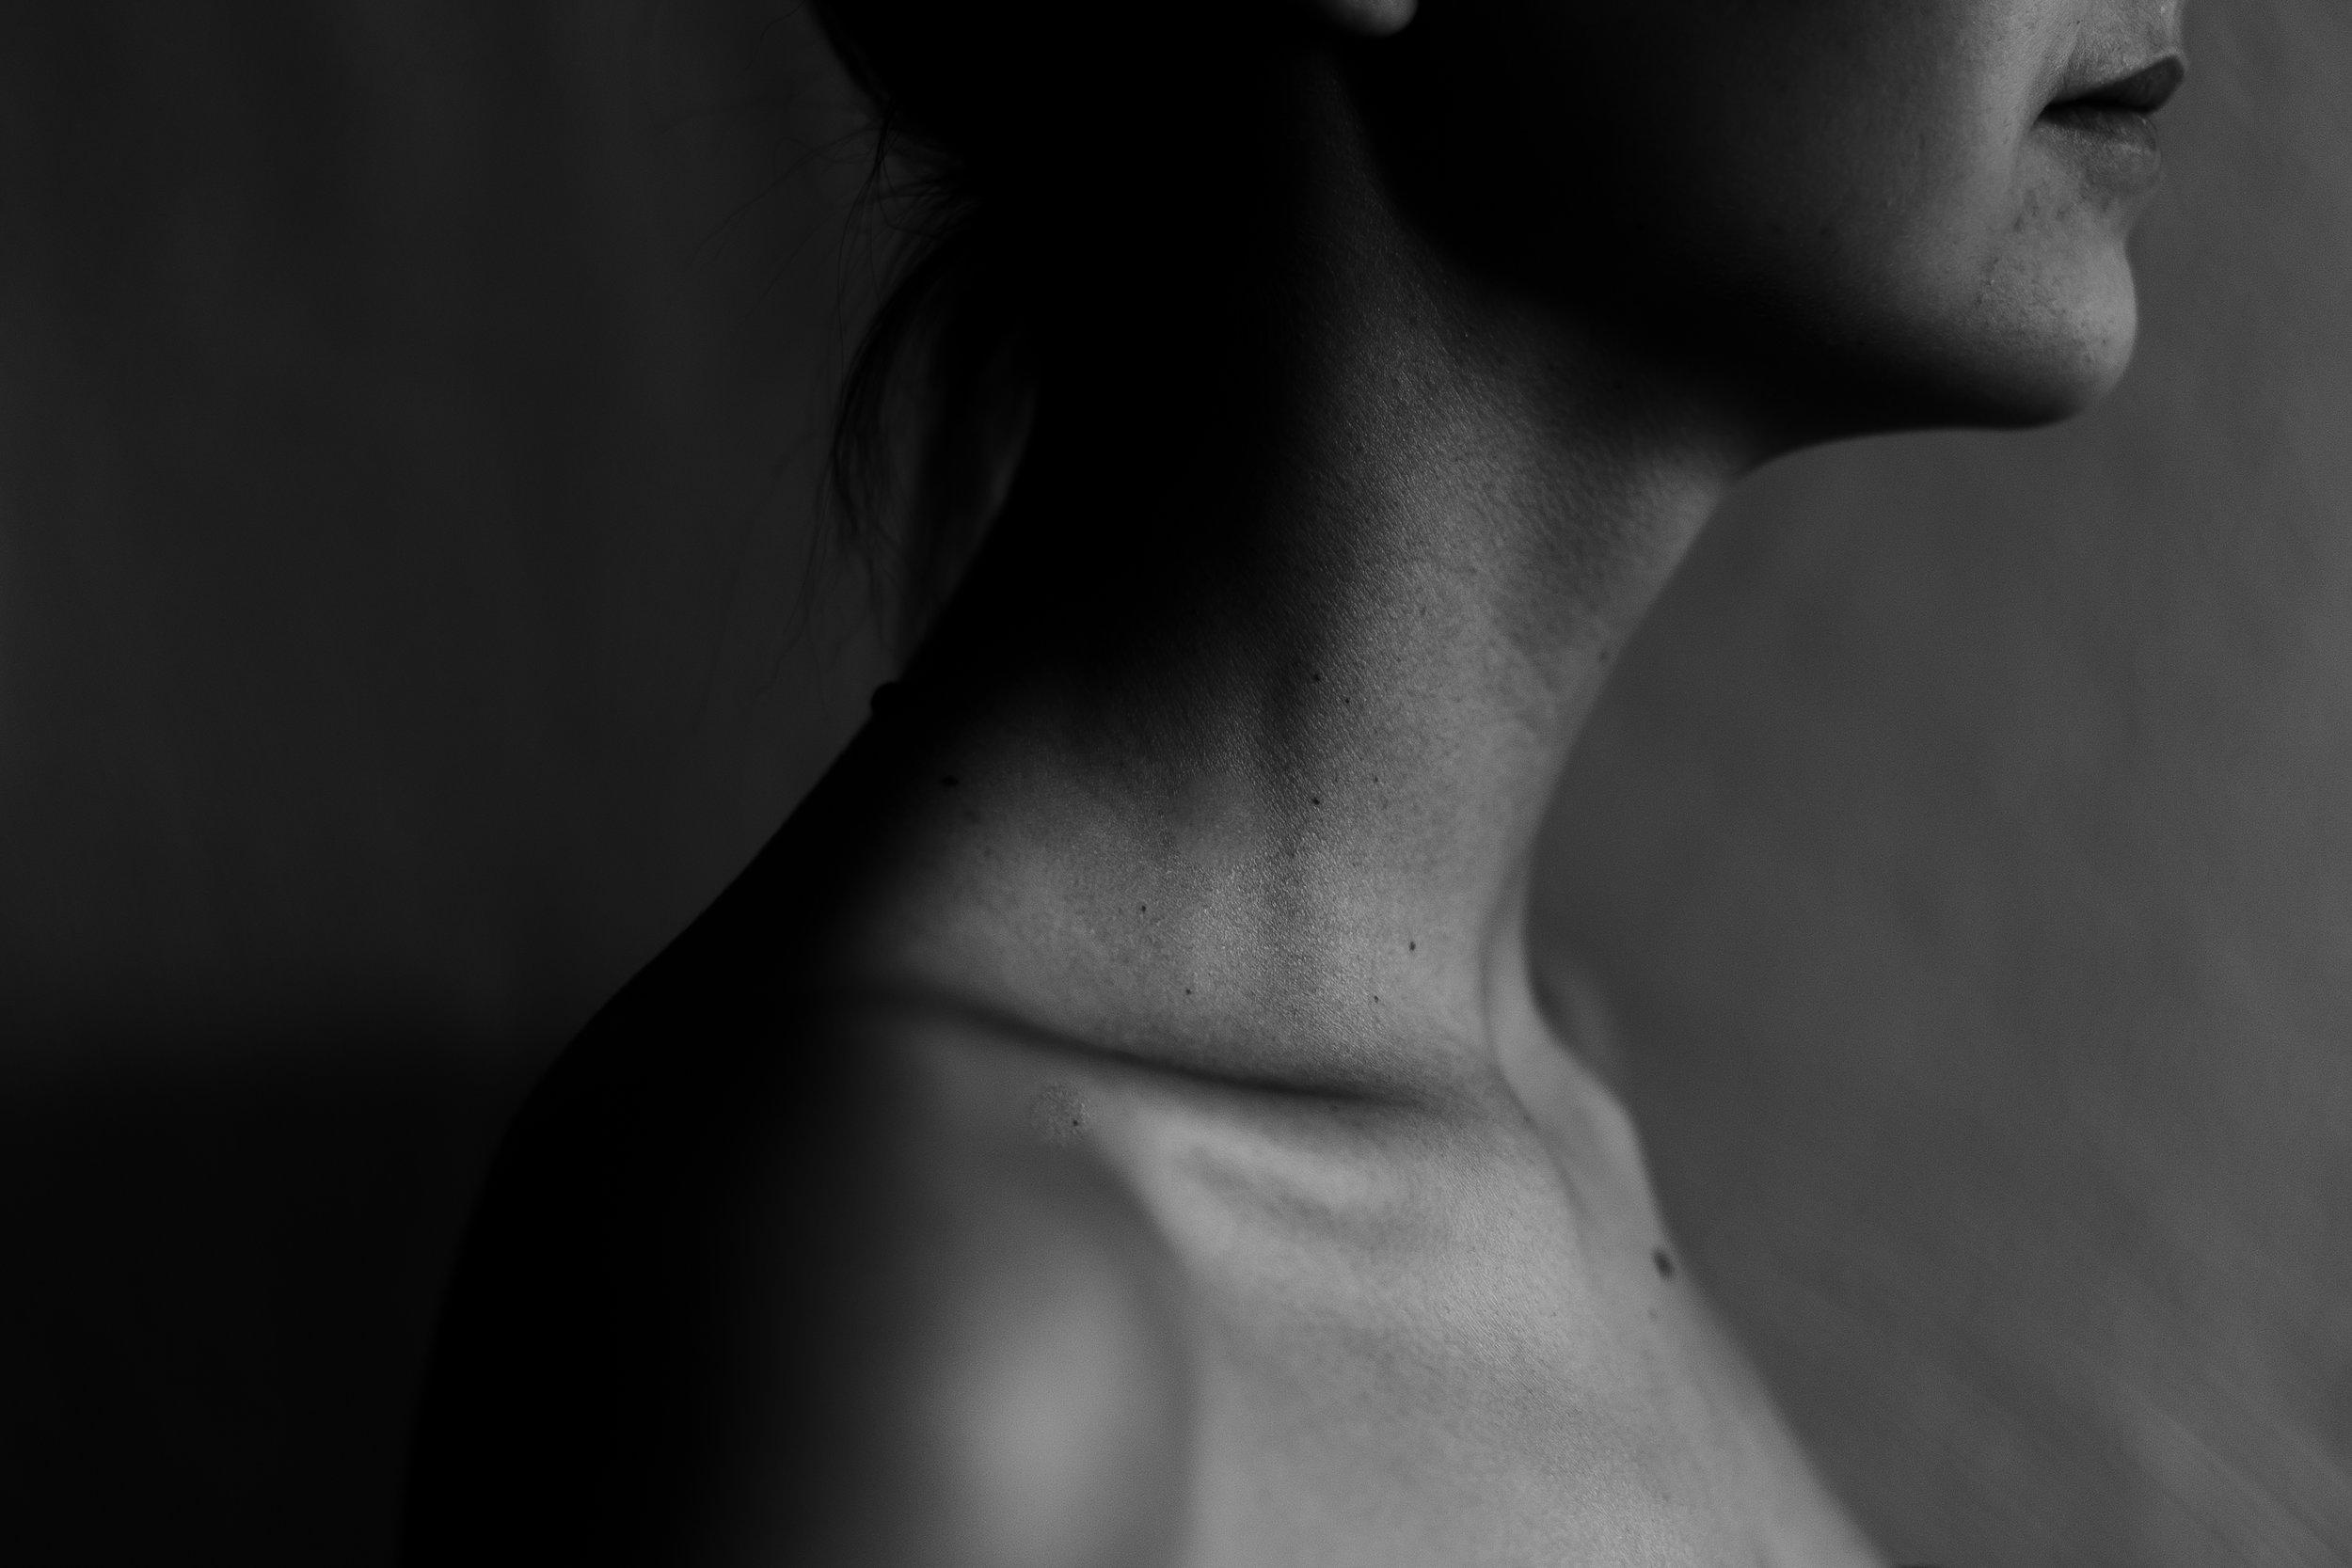 Kobling mellom nakke og kjeve - For mange nakkeskadde er det uten tvil en sammenheng mellom skader i nakken og symptomer/smerter i ansikt/kjeve/hode.